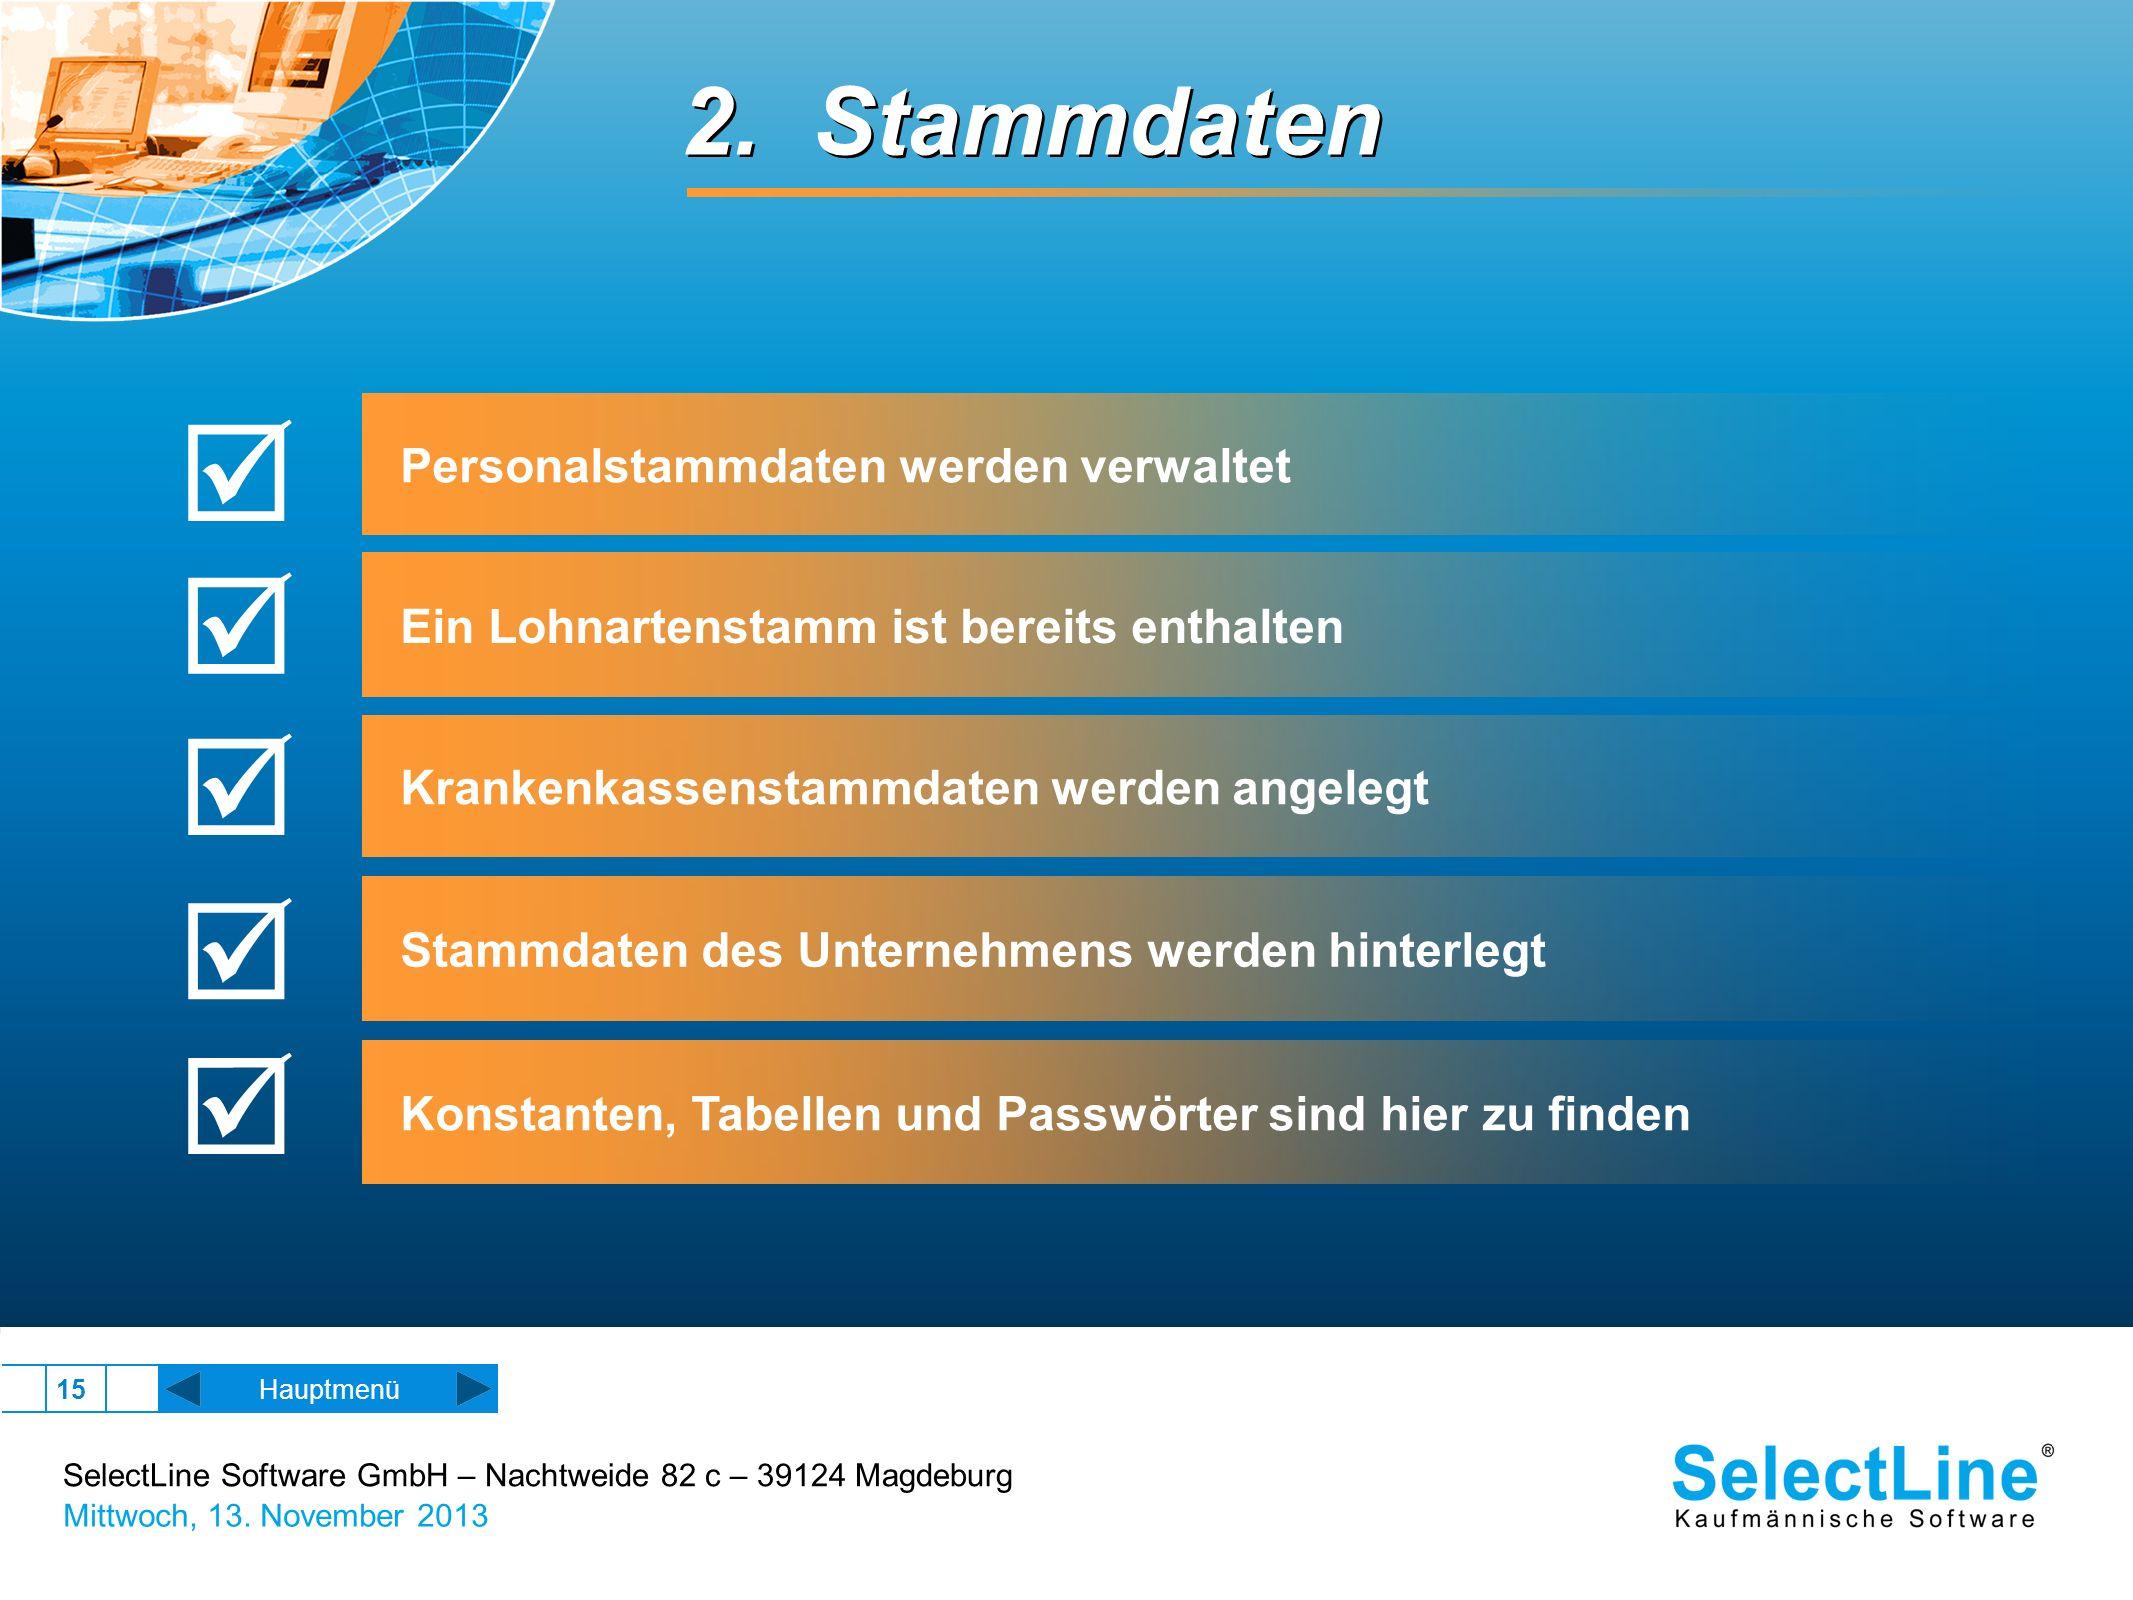 SelectLine Software GmbH – Nachtweide 82 c – 39124 Magdeburg Mittwoch, 13. November 2013 15 2. Stammdaten Hauptmenü Personalstammdaten werden verwalte